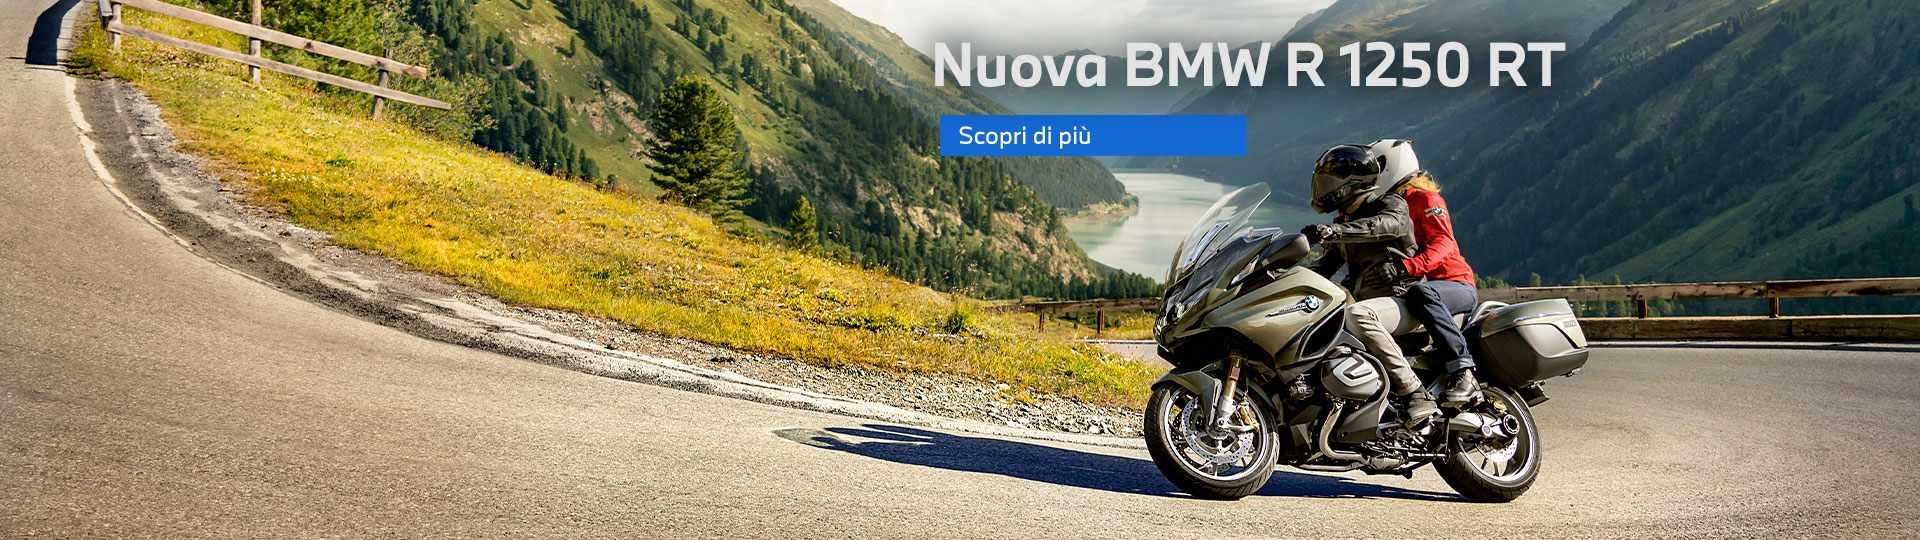 header_bmw_motorrad_r_1250_rt_Marzo_2021.jpg